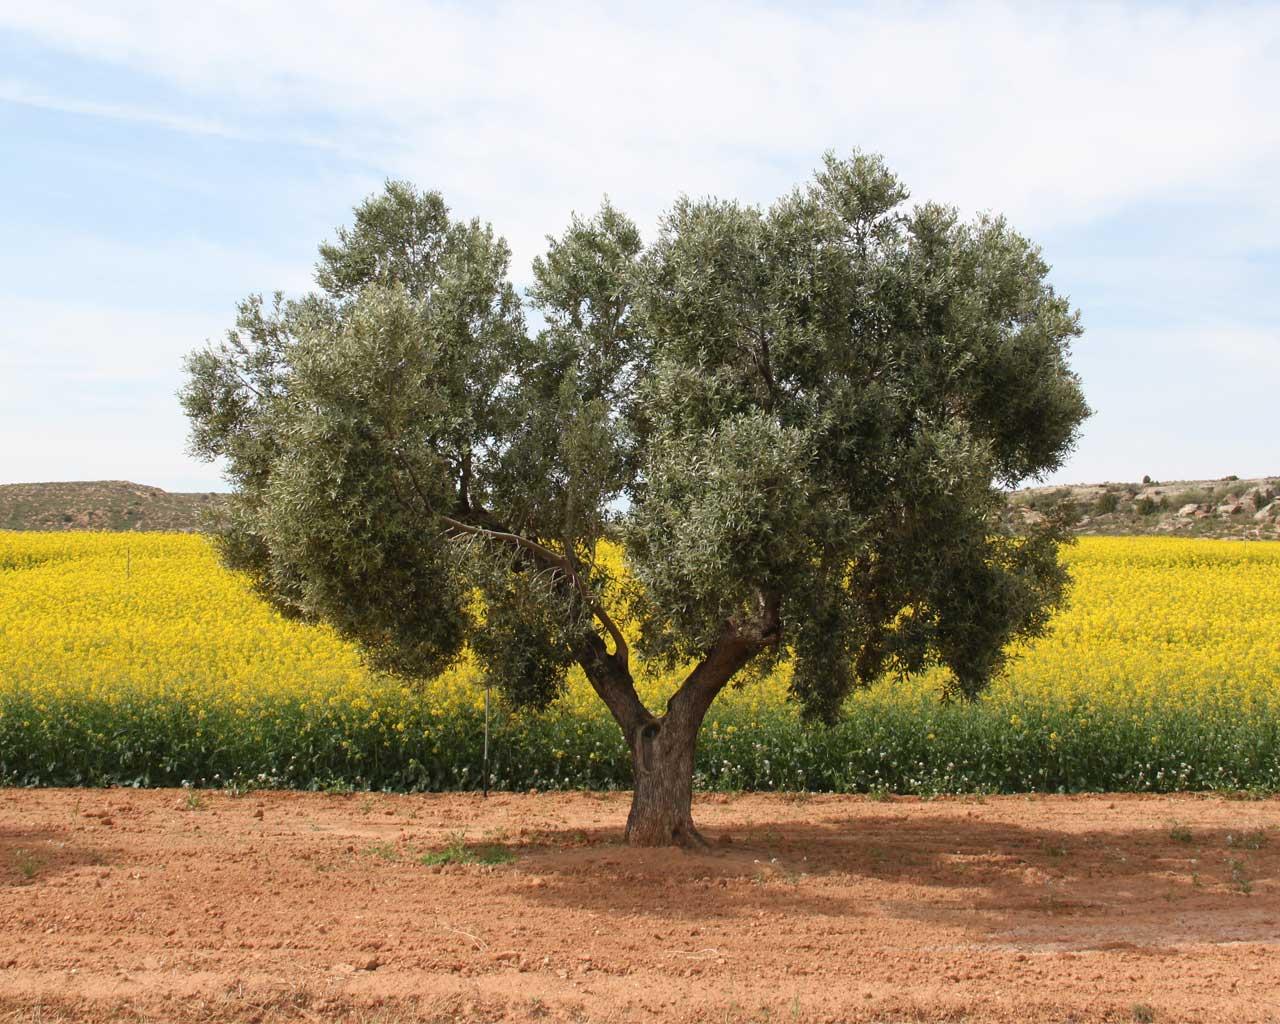 Olivenöl, Rapsöl, Sonnenblumenöl, etc. – worin liegt der Unterschied?